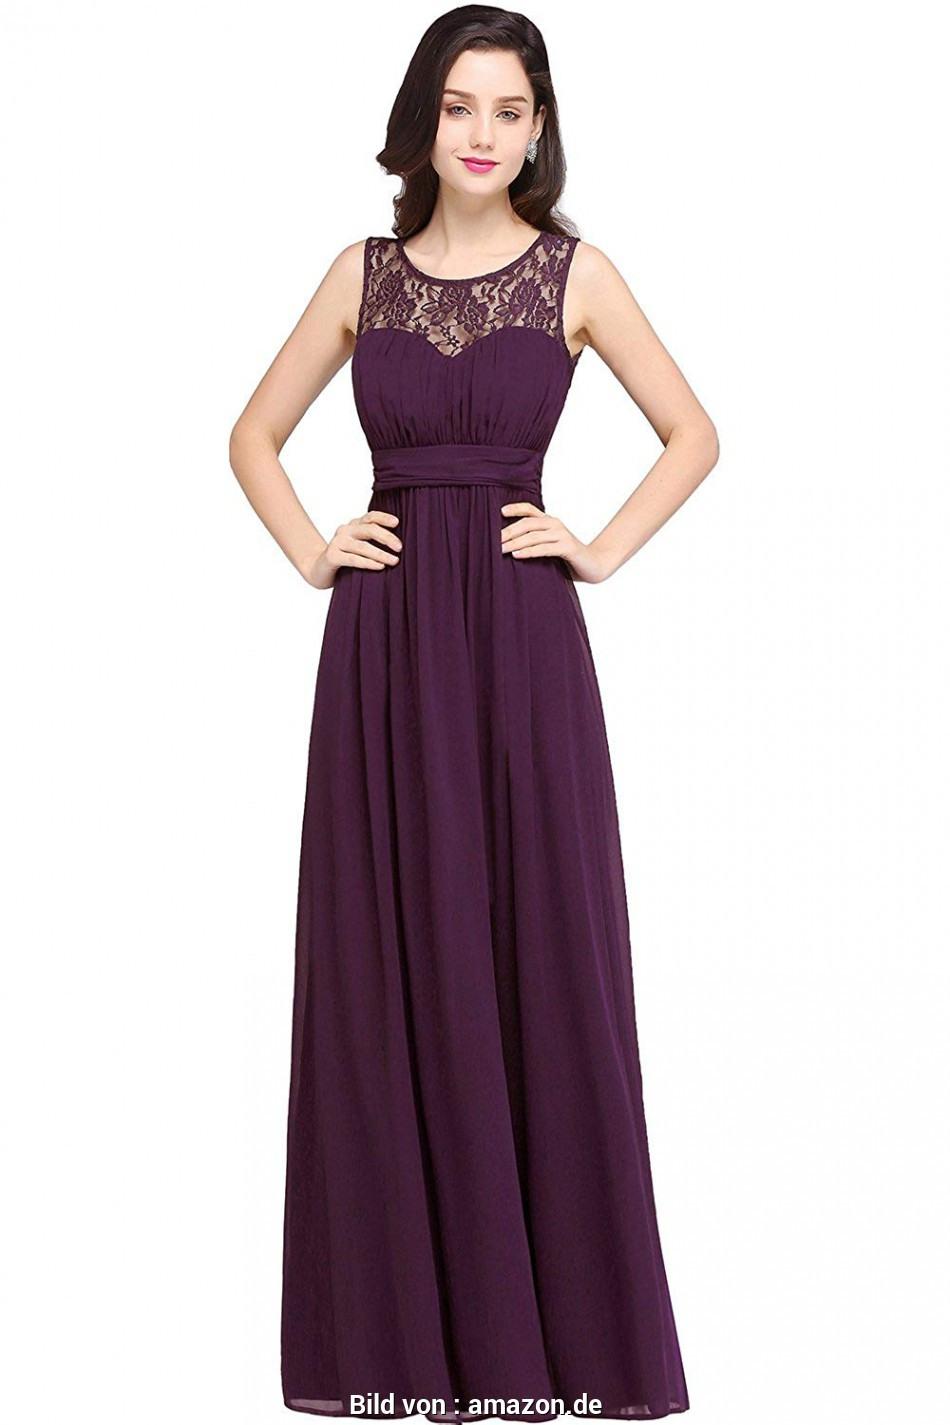 10 Top Günstige Abendkleider Damen Stylish15 Schön Günstige Abendkleider Damen Vertrieb